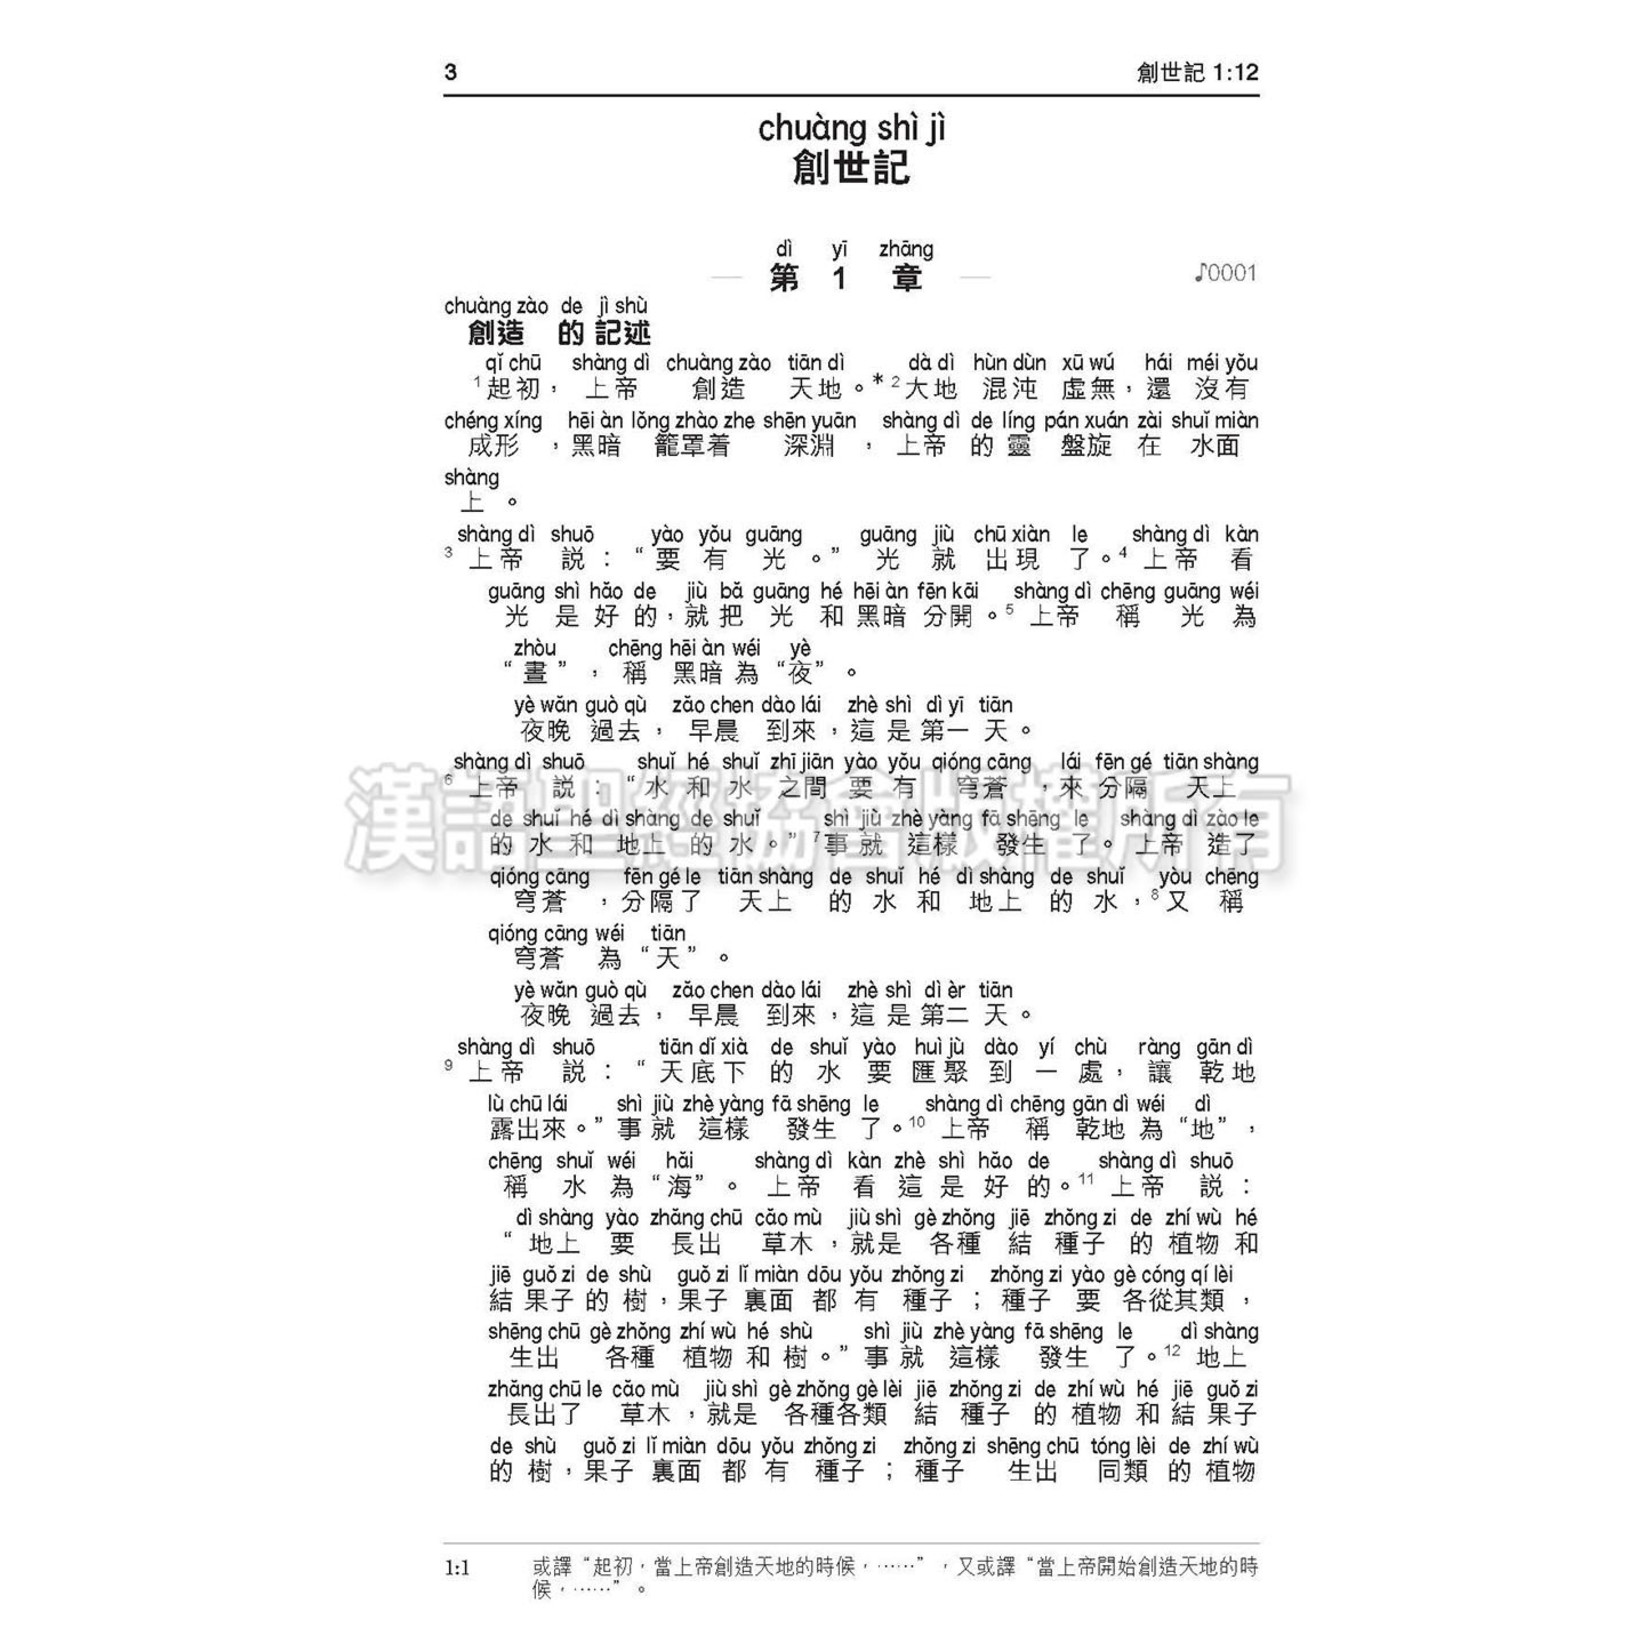 漢語聖經協會 Chinese Bible International 聖經.新普及譯本.漢語拼音版.藍色仿皮面銀邊(繁體)(附CD)